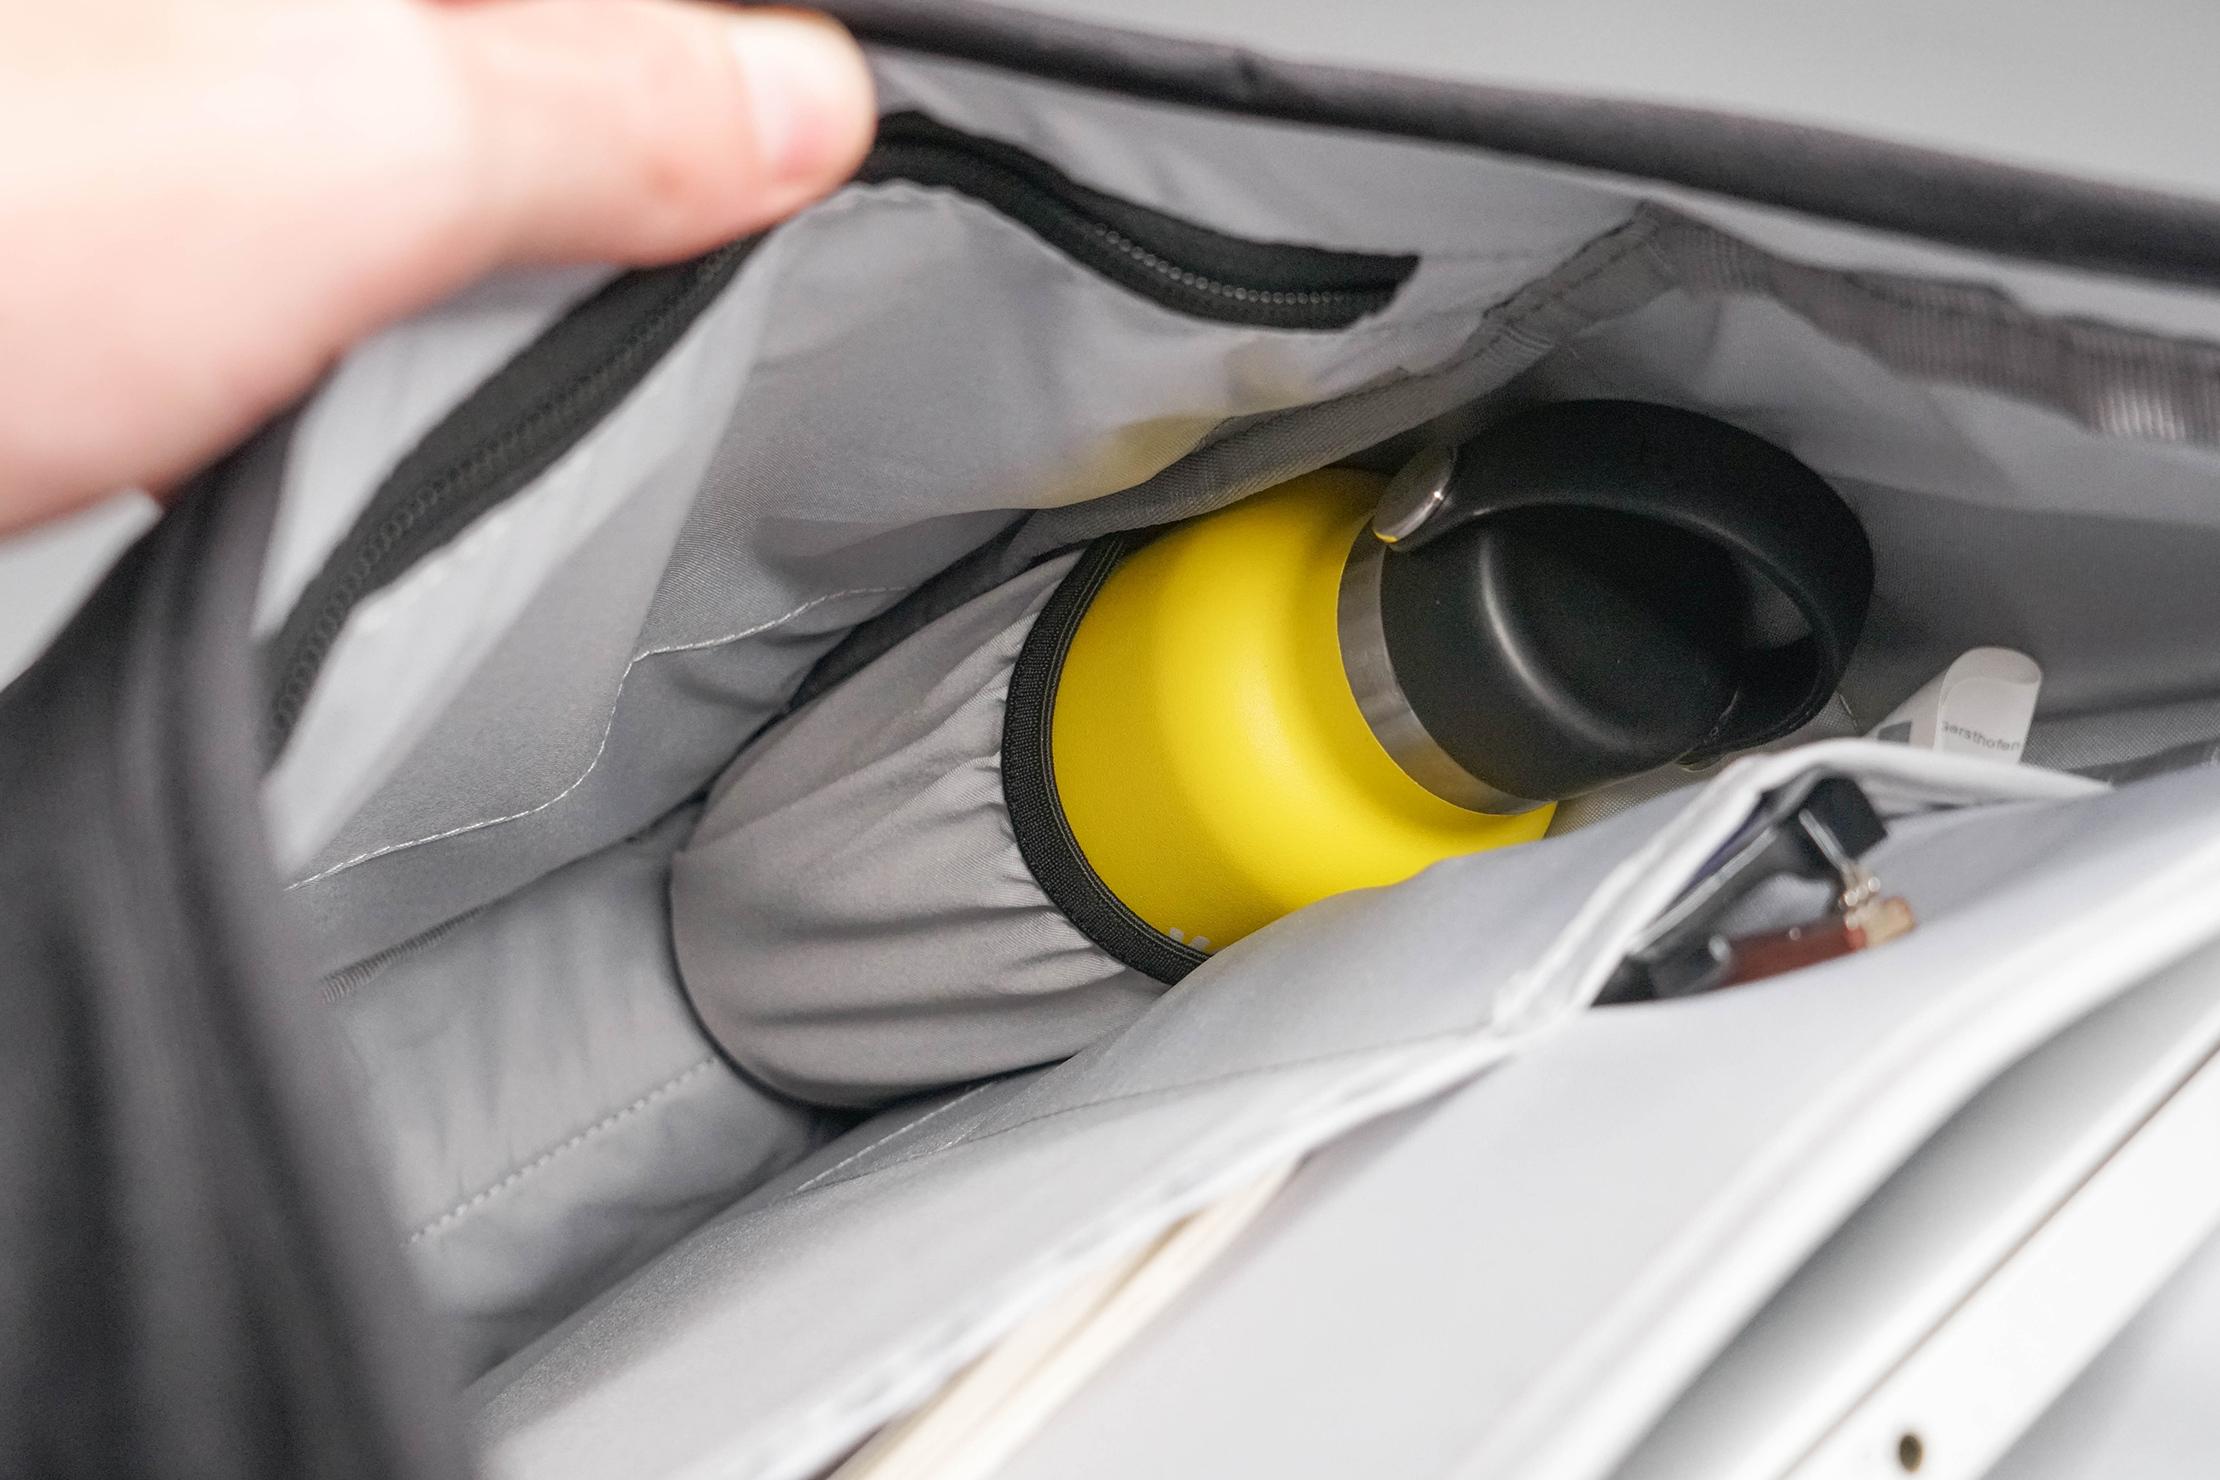 Deuter UP Sydney Internal Water Bottle Pocket